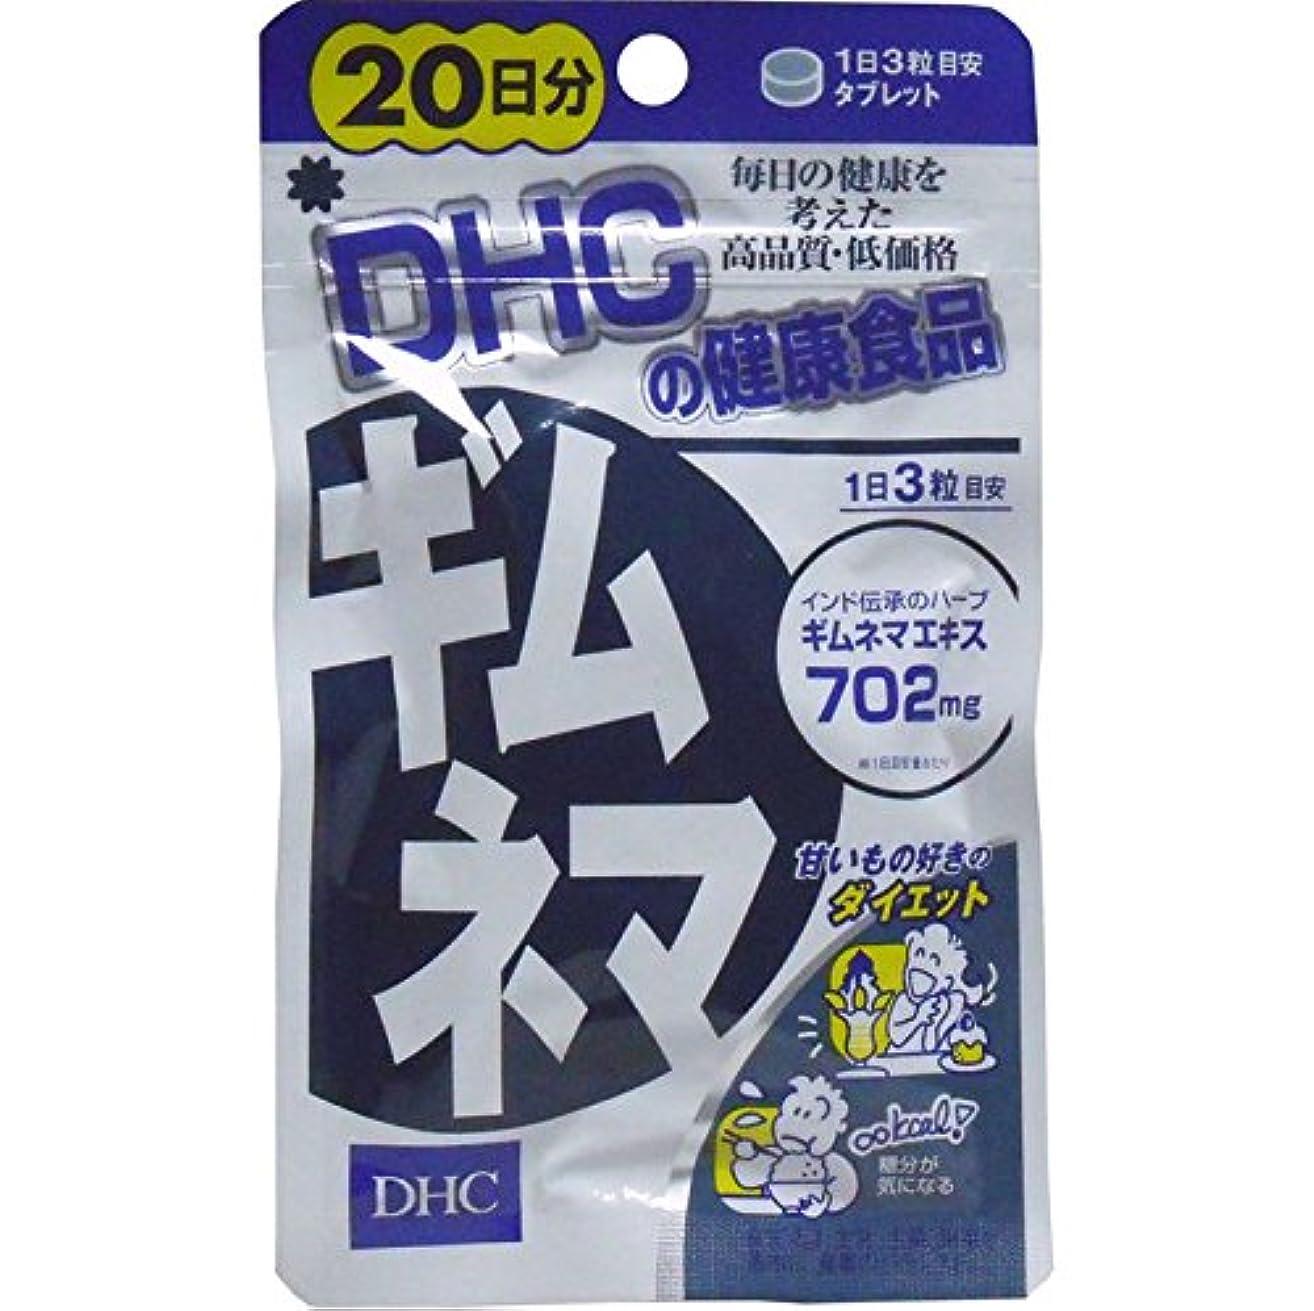 かける画面本体余分な糖分をブロック DHC ギムネマ 20日分 60粒